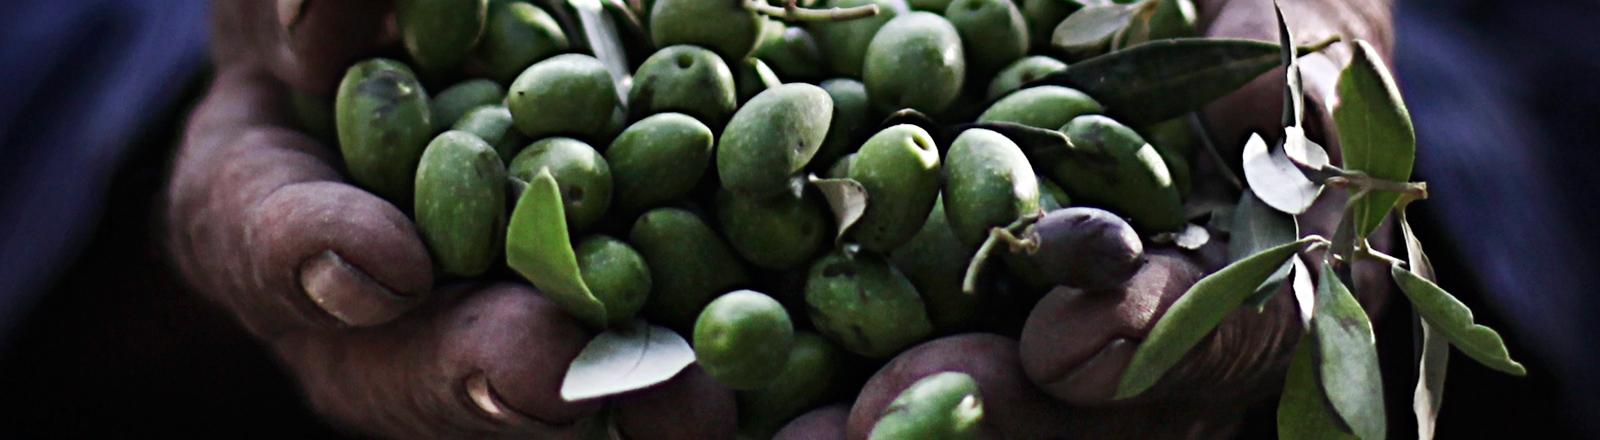 Ein Bauer hält geerntete Oliven in seinen Händen.